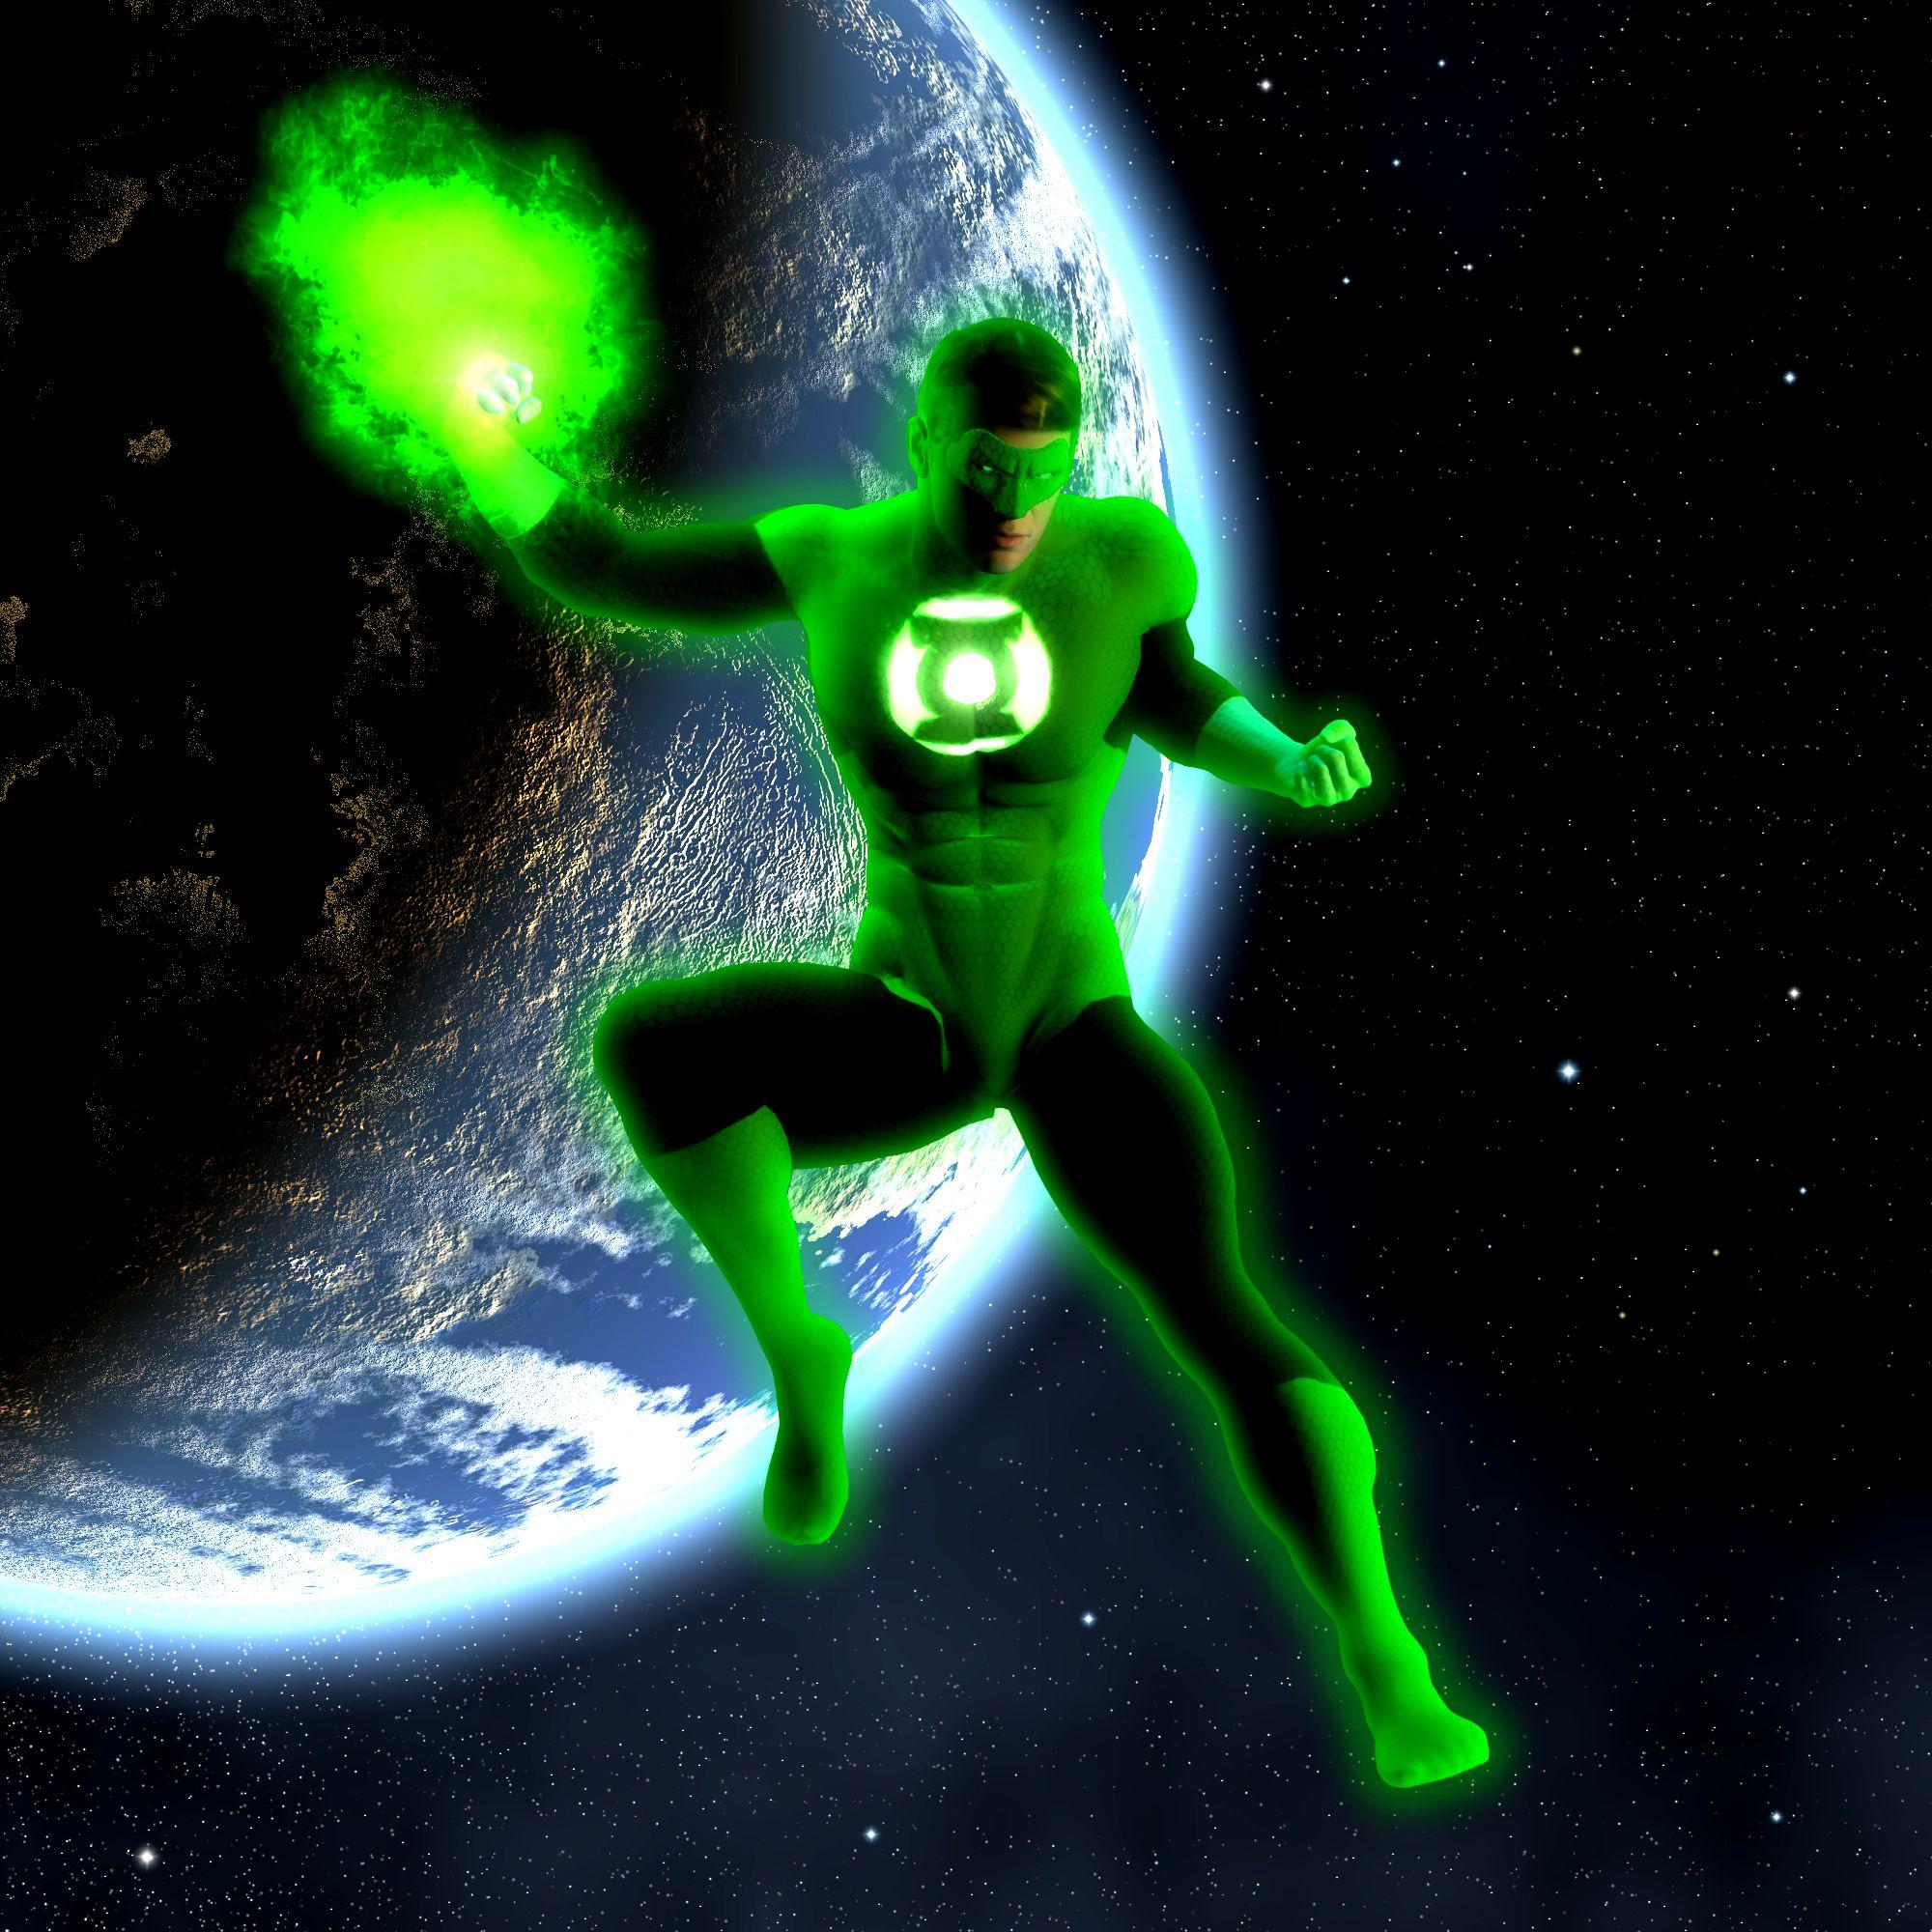 Green Desktop Wallpaper: Green Lantern Computer Wallpapers, Desktop Backgrounds